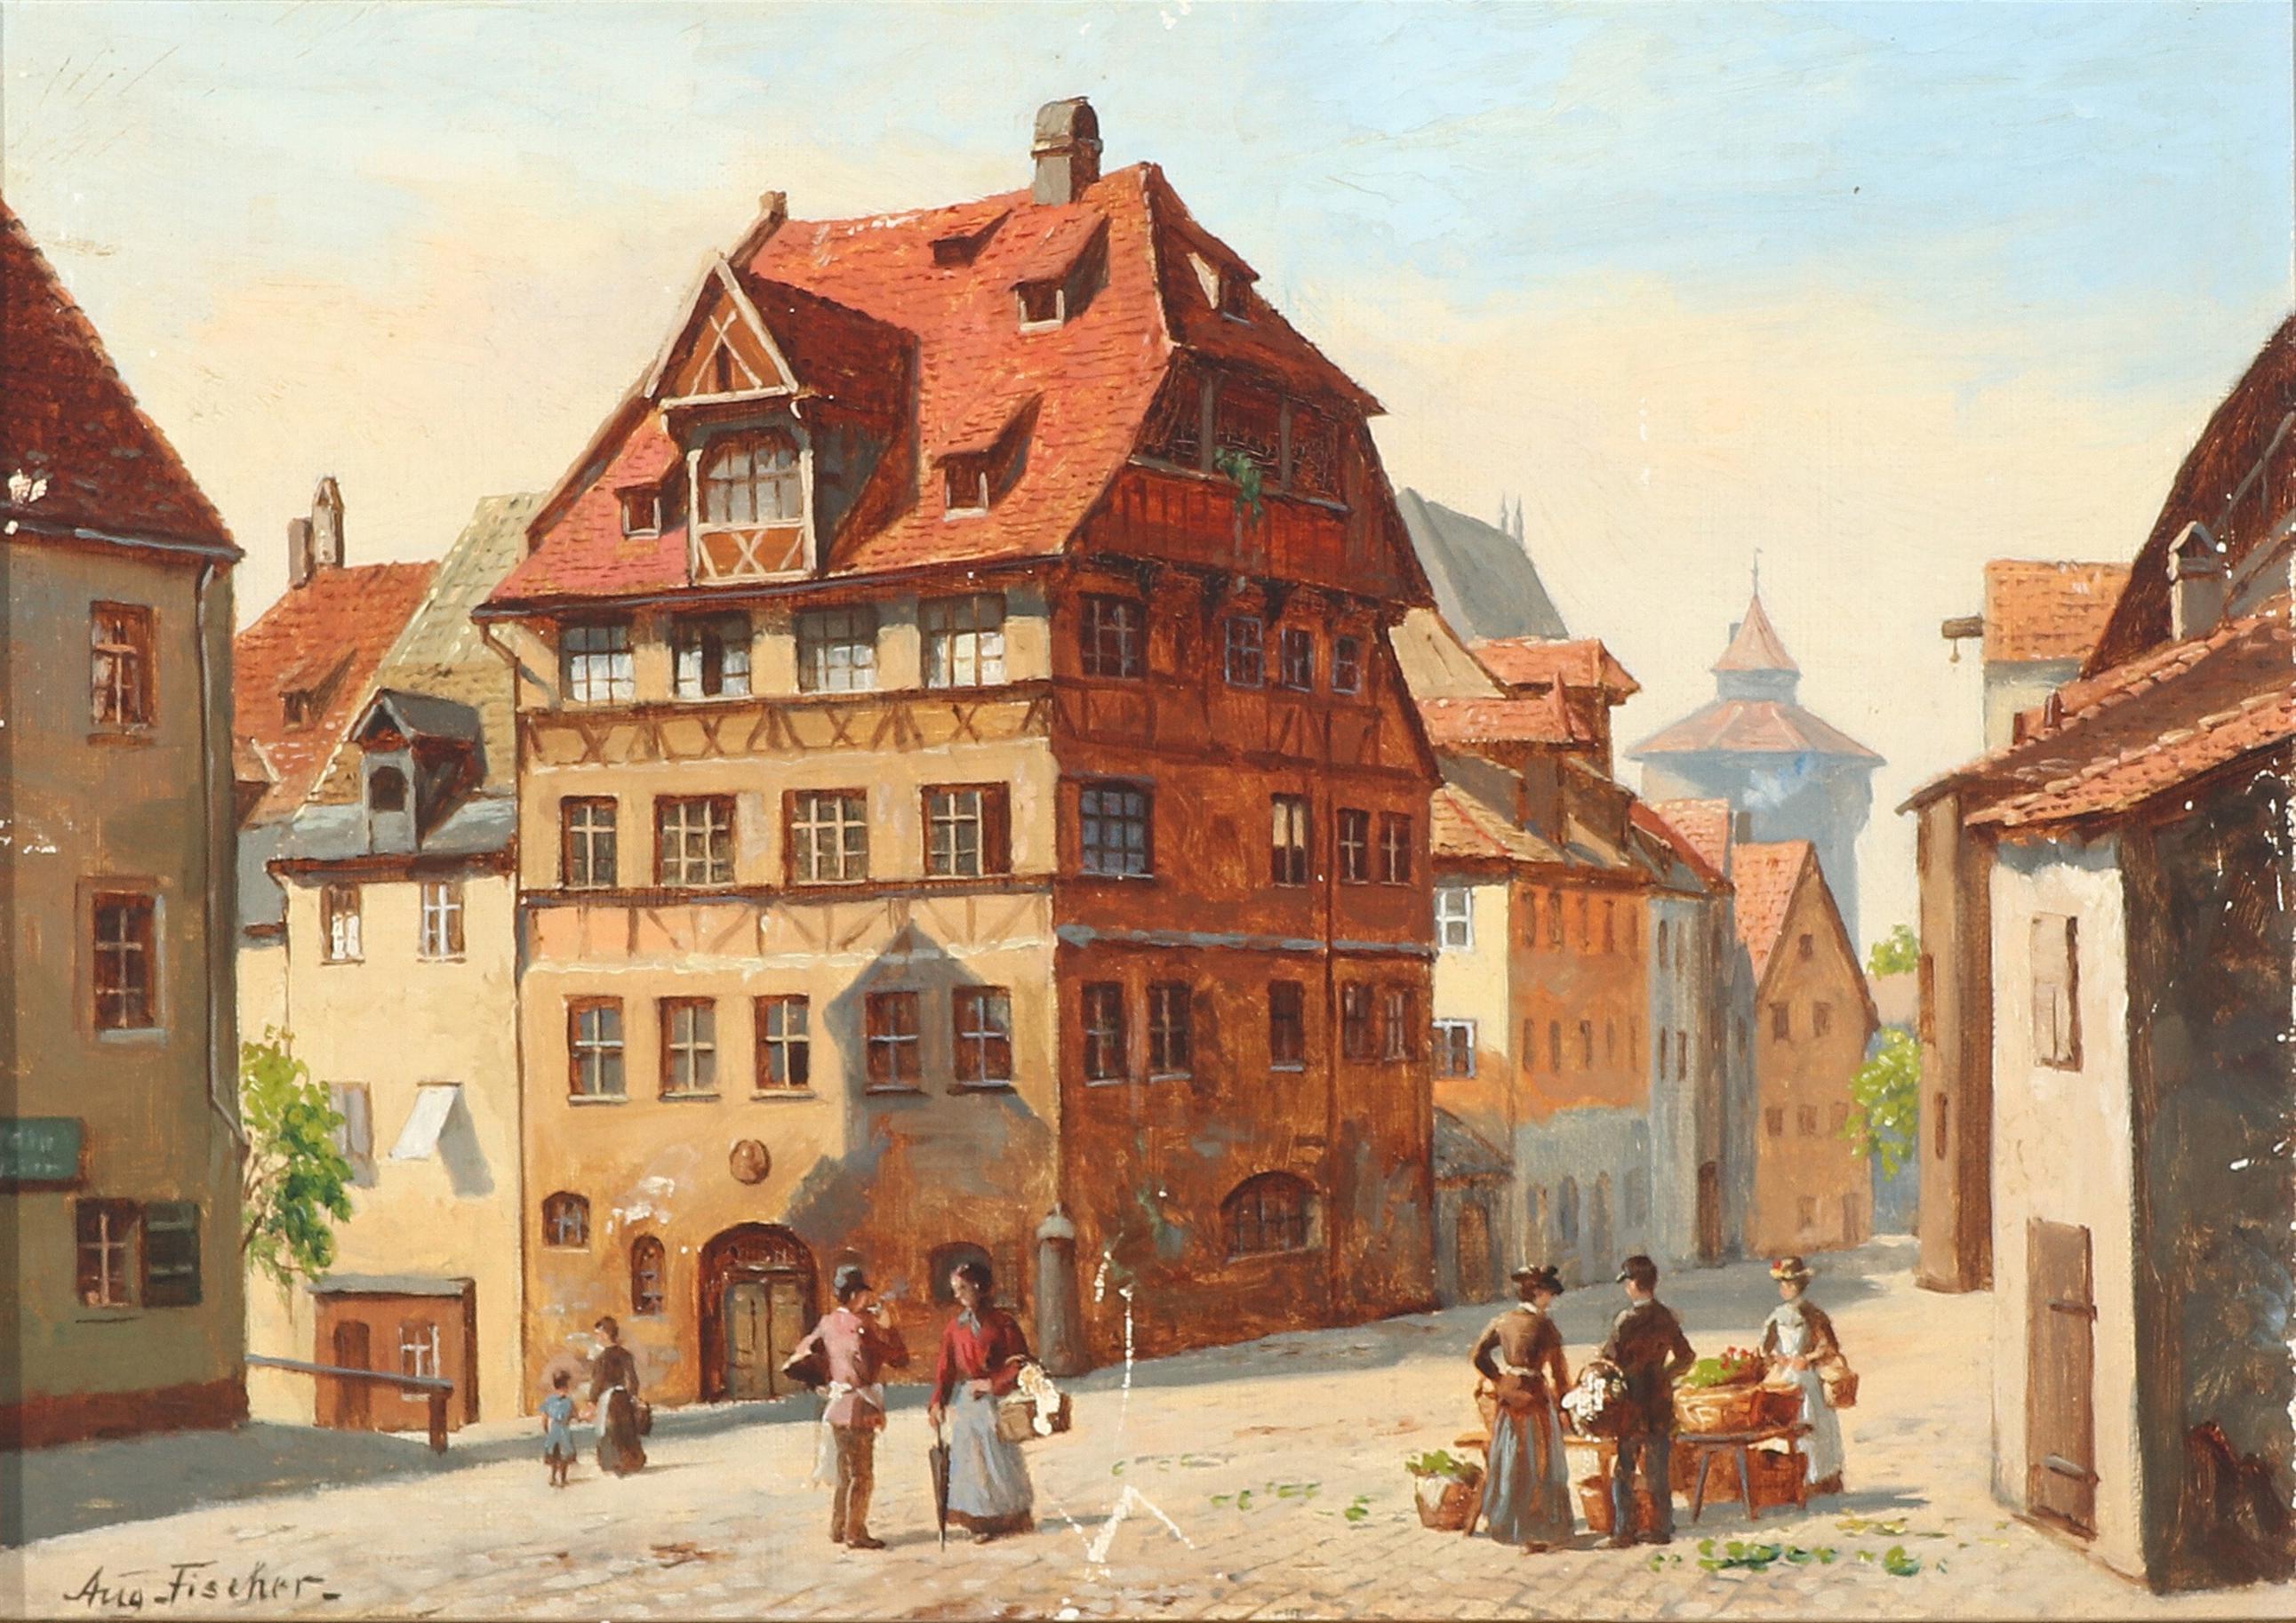 File:August Fischer - Albrecht Dürer Haus, Nürnberg.png ...